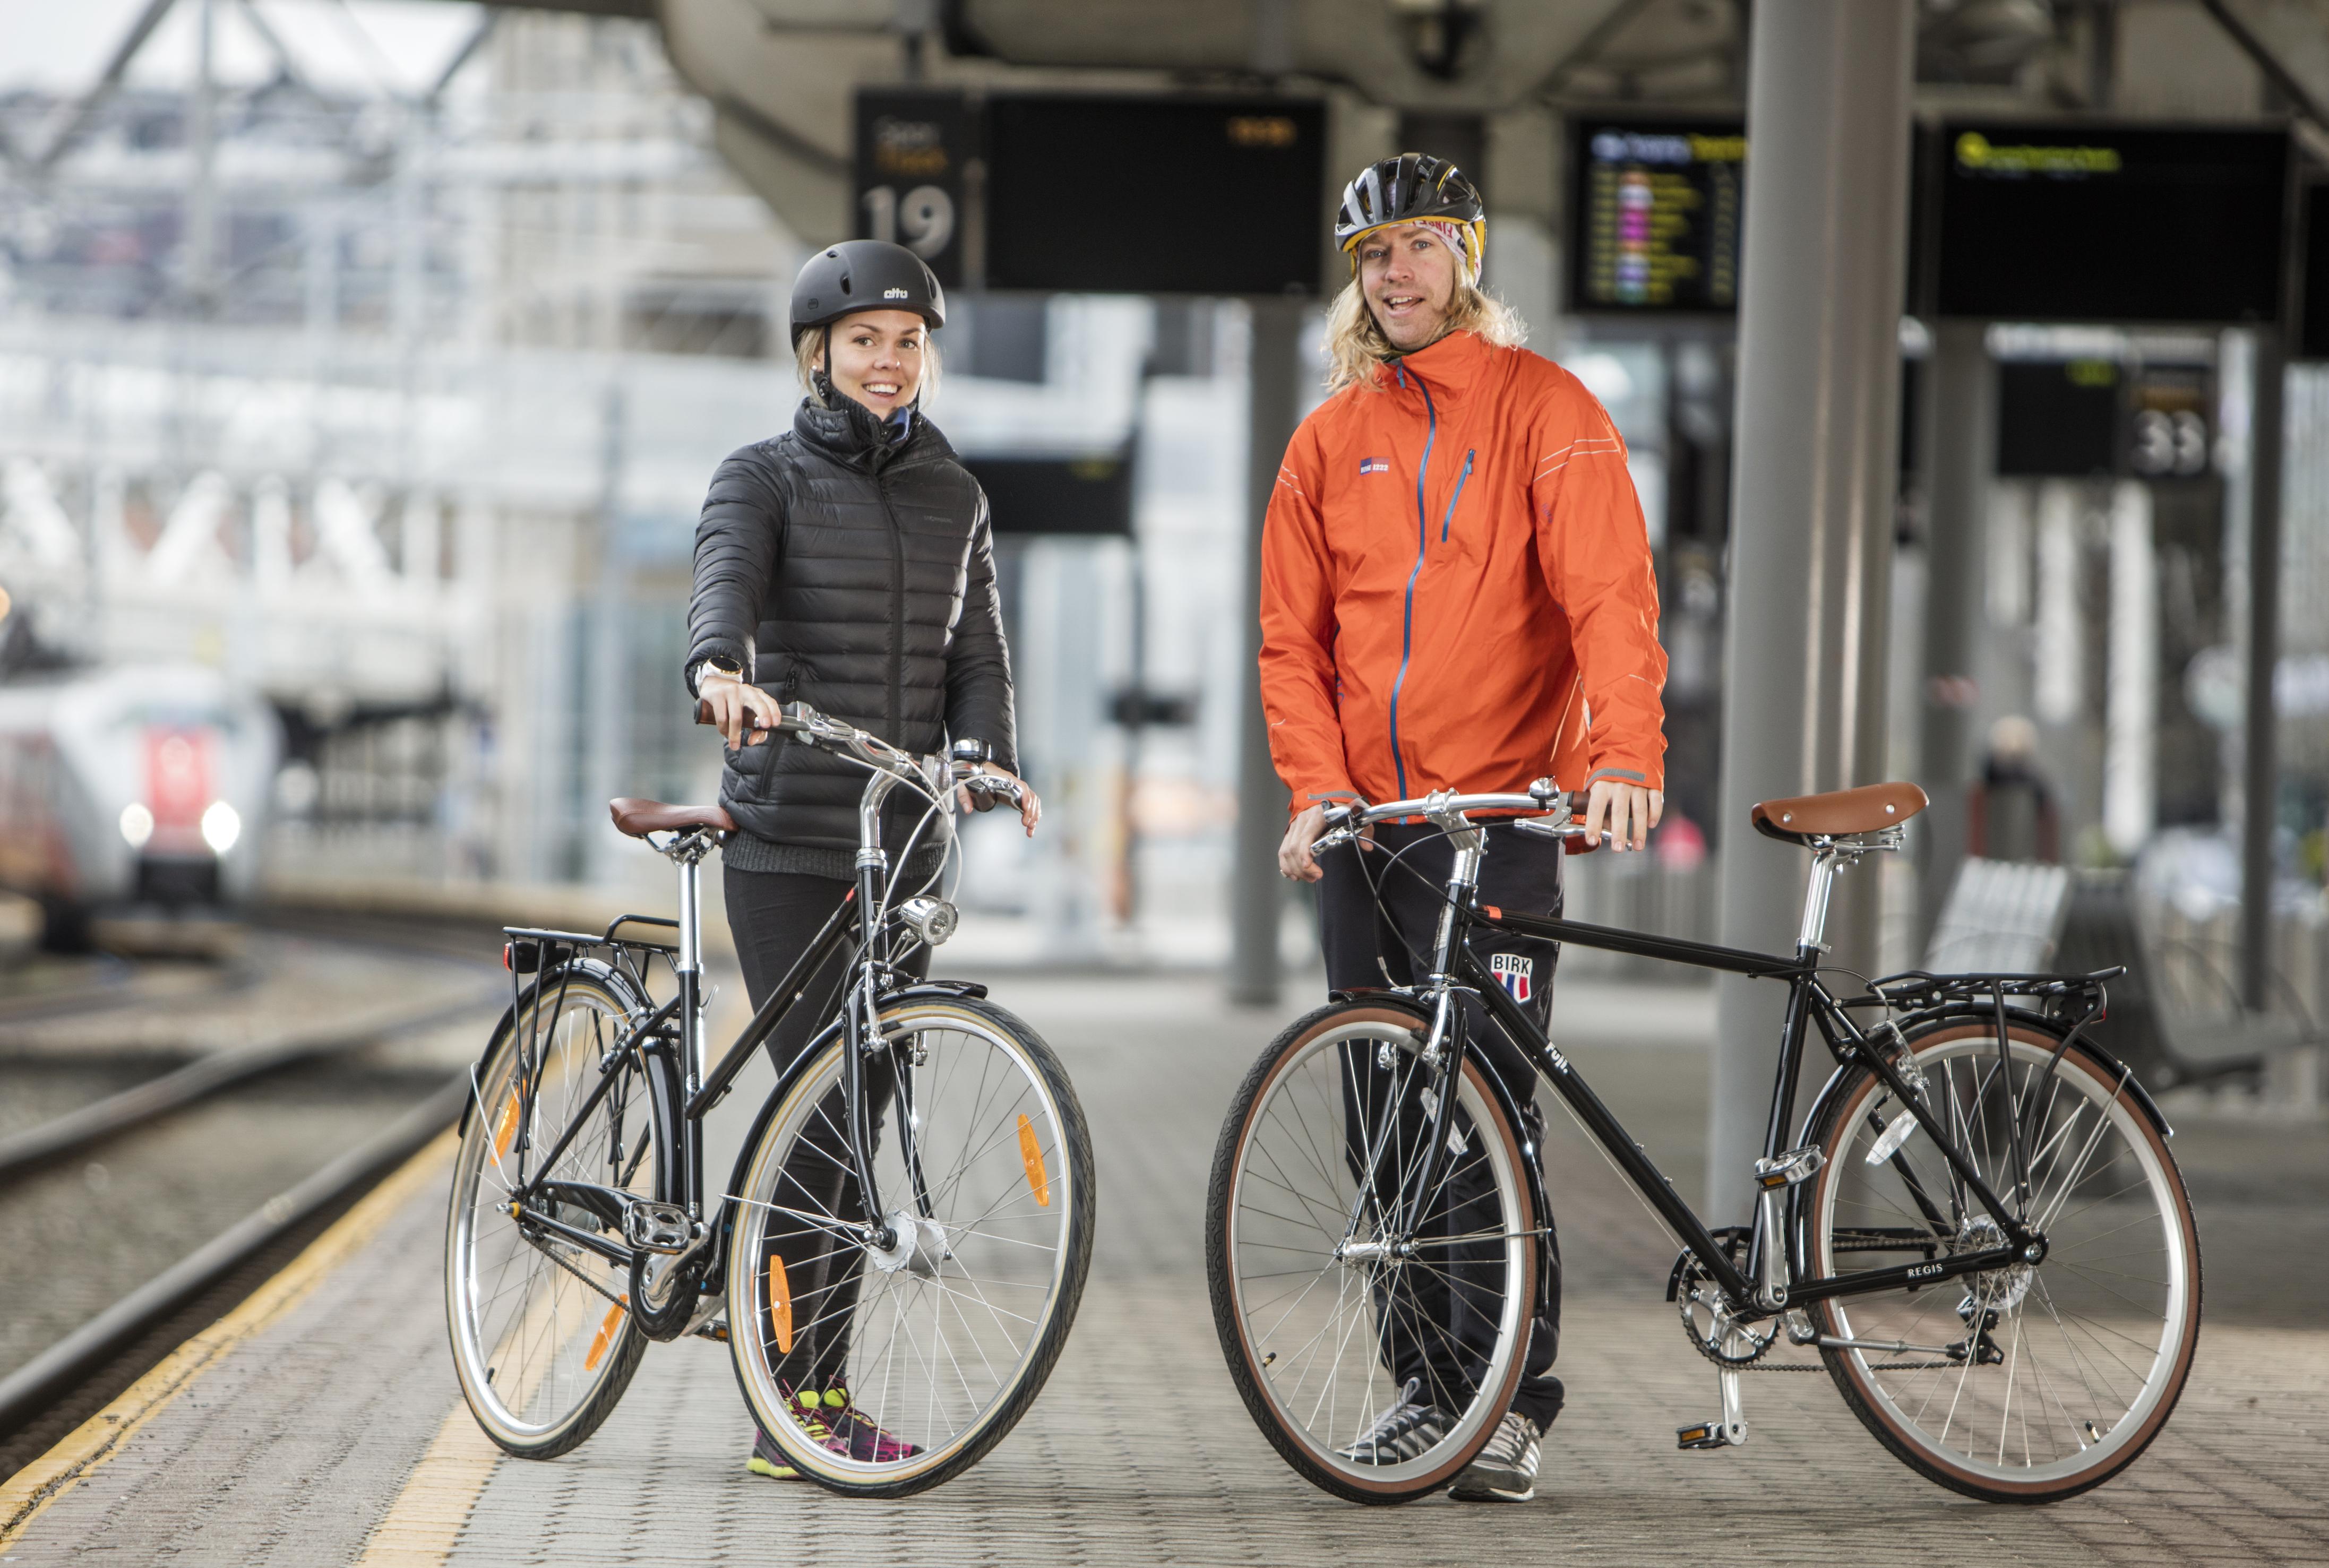 Jobbsykling - Så mye kan du spare på å sykle til jobb